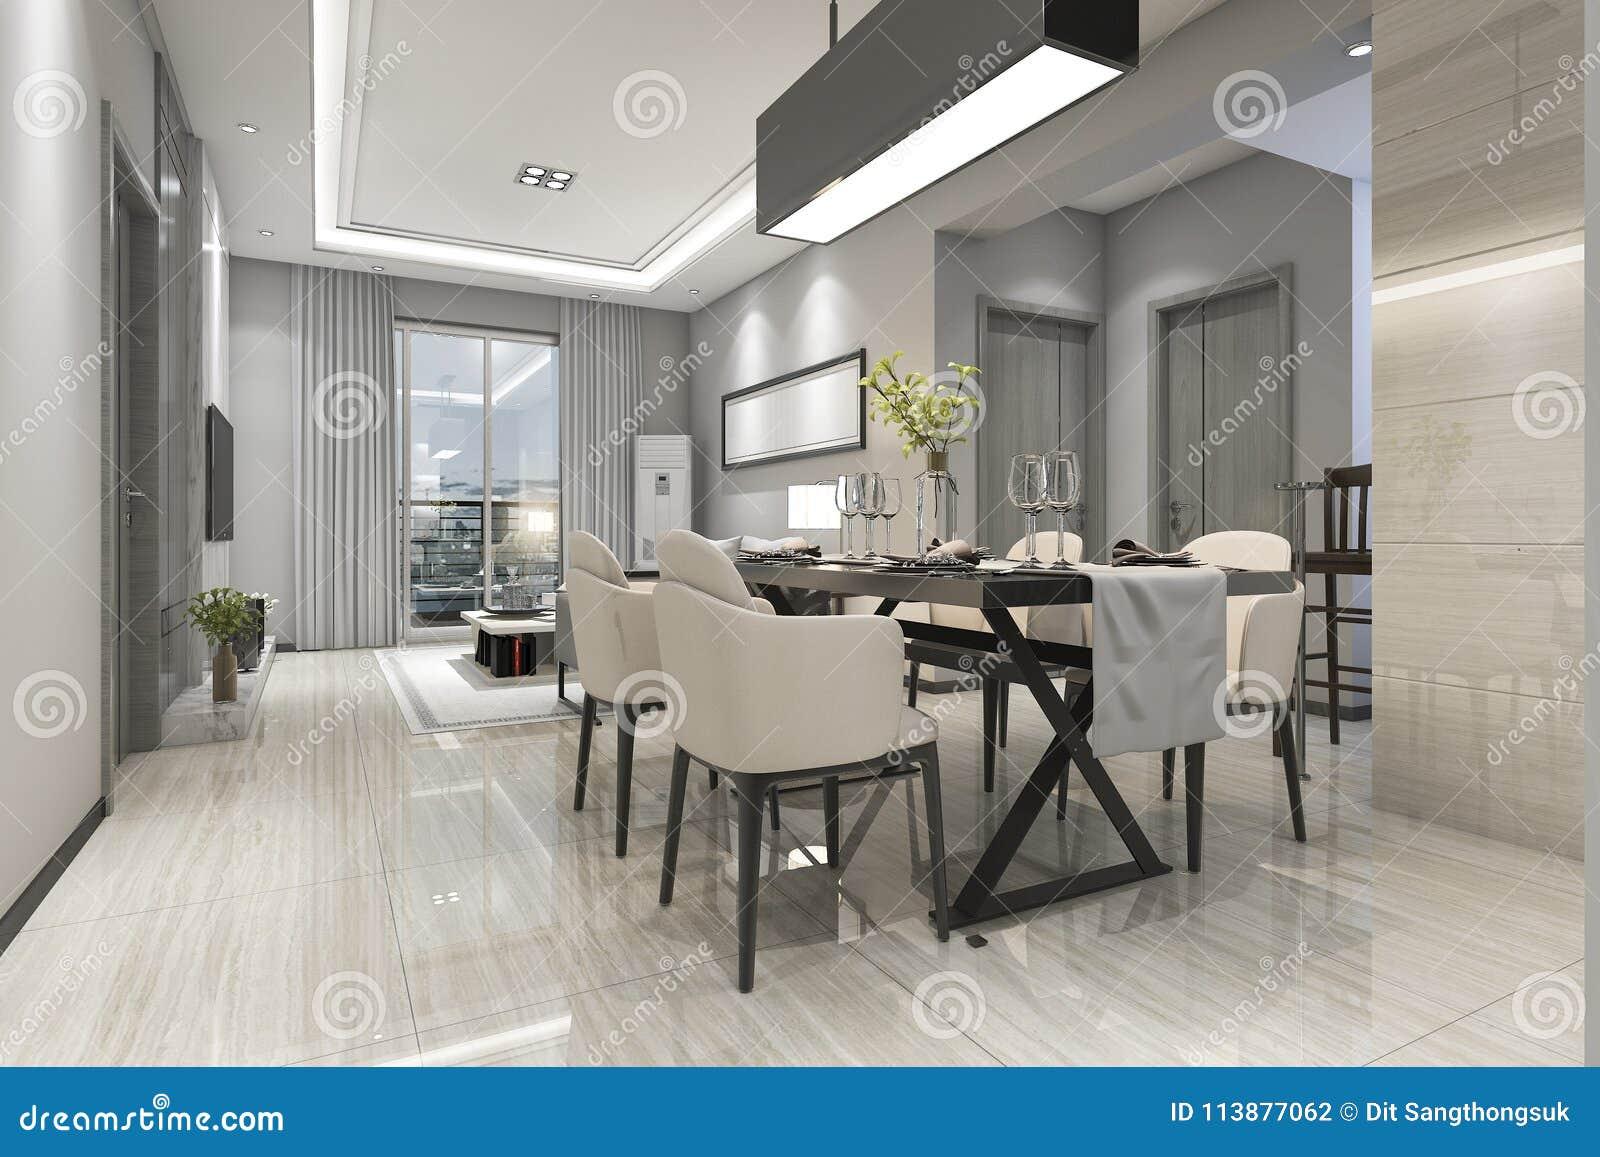 D het teruggeven moderne eetkamer en woonkamer met luxedecor